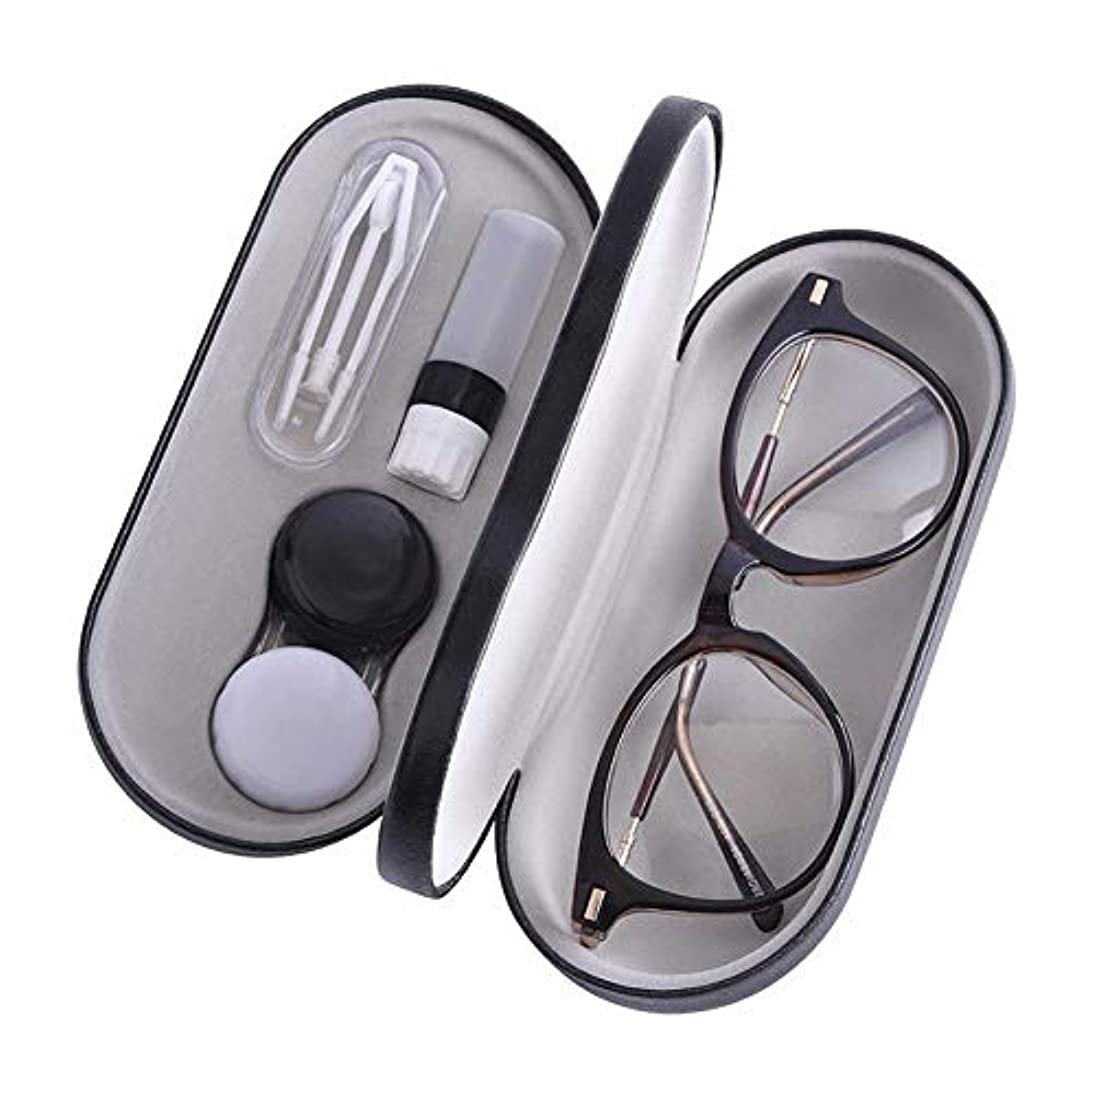 彫る反動表示コンタクトレンズケーストラベルホームイノベーション両面メガネ収納ボックストラベルセットボックス携帯しやすいミニボックスコンテナコンタクトレンズフレーム